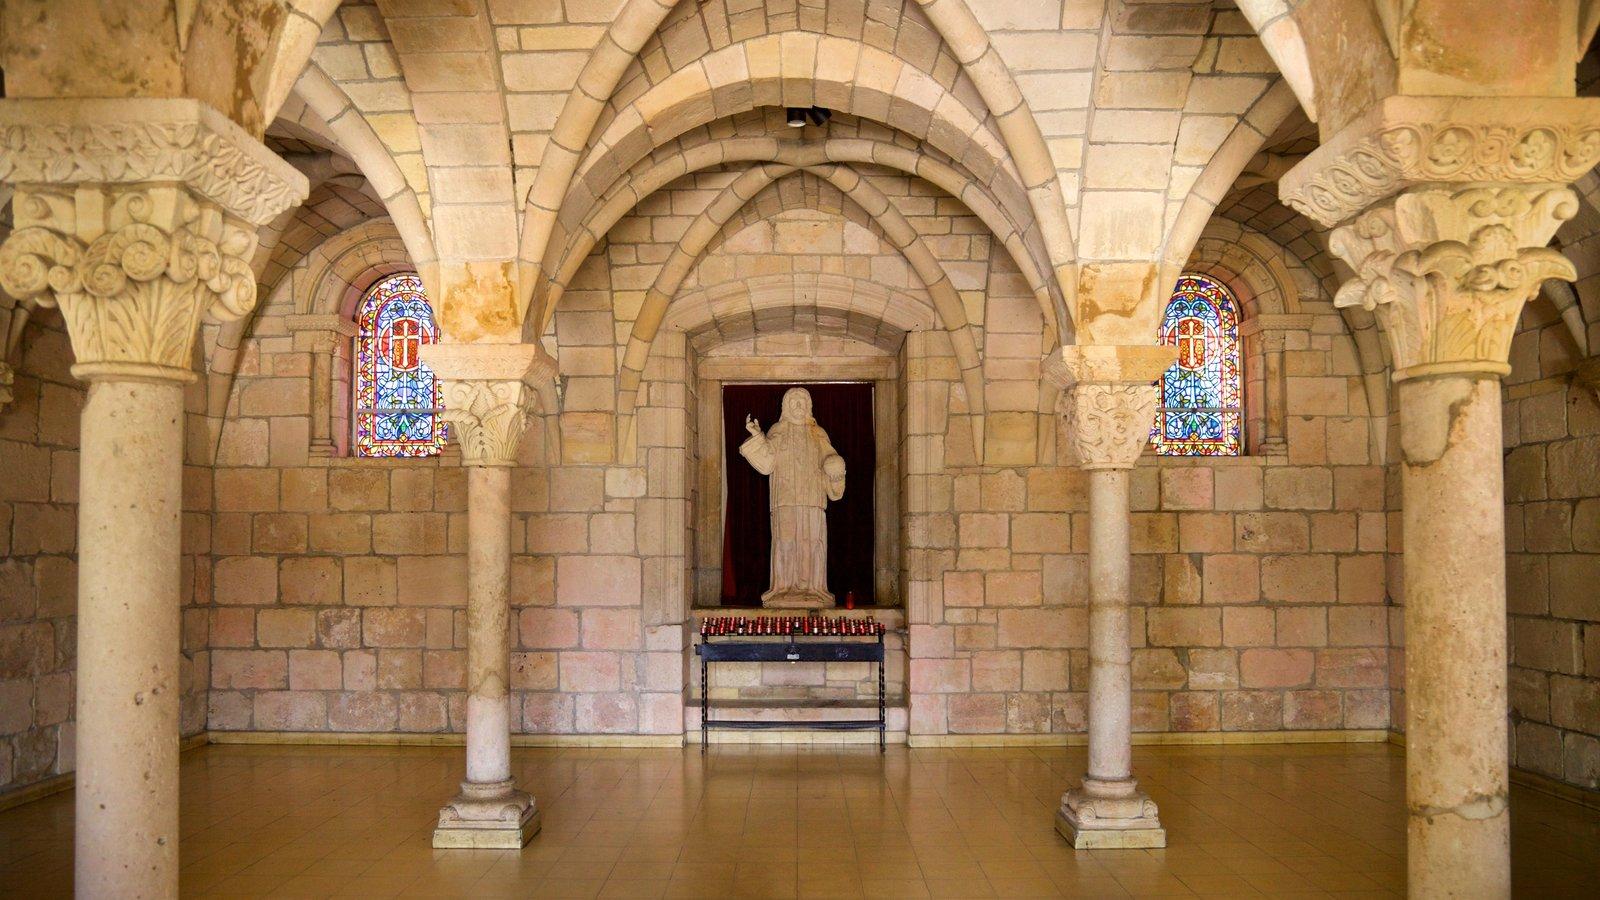 Antiguo Monasterio Español que incluye elementos religiosos, elementos del patrimonio y vistas interiores